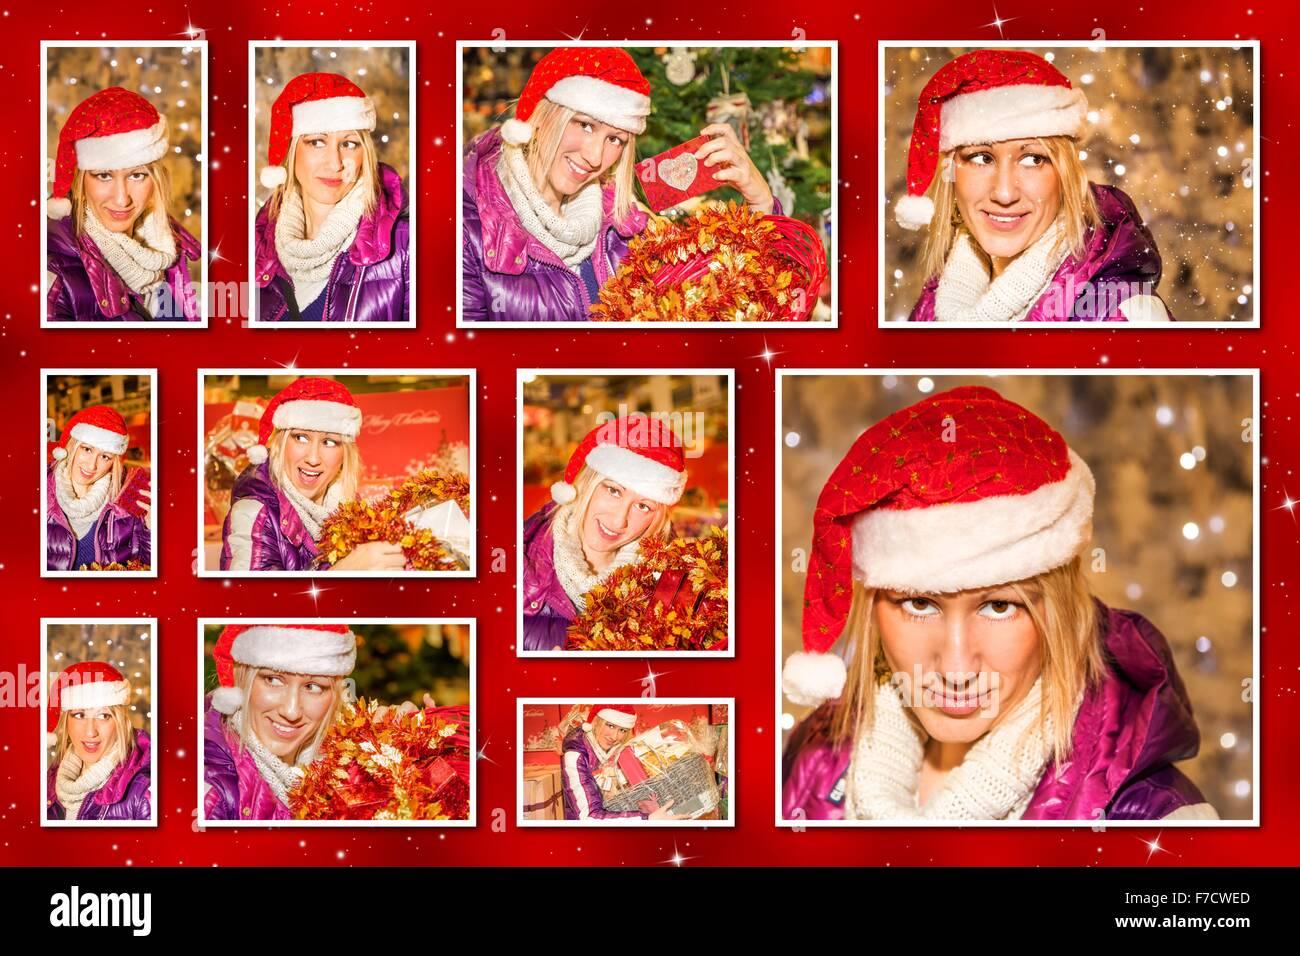 Weihnachtsbilder Für Frauen.Collage Woman Shopping Bags Stockfotos Collage Woman Shopping Bags